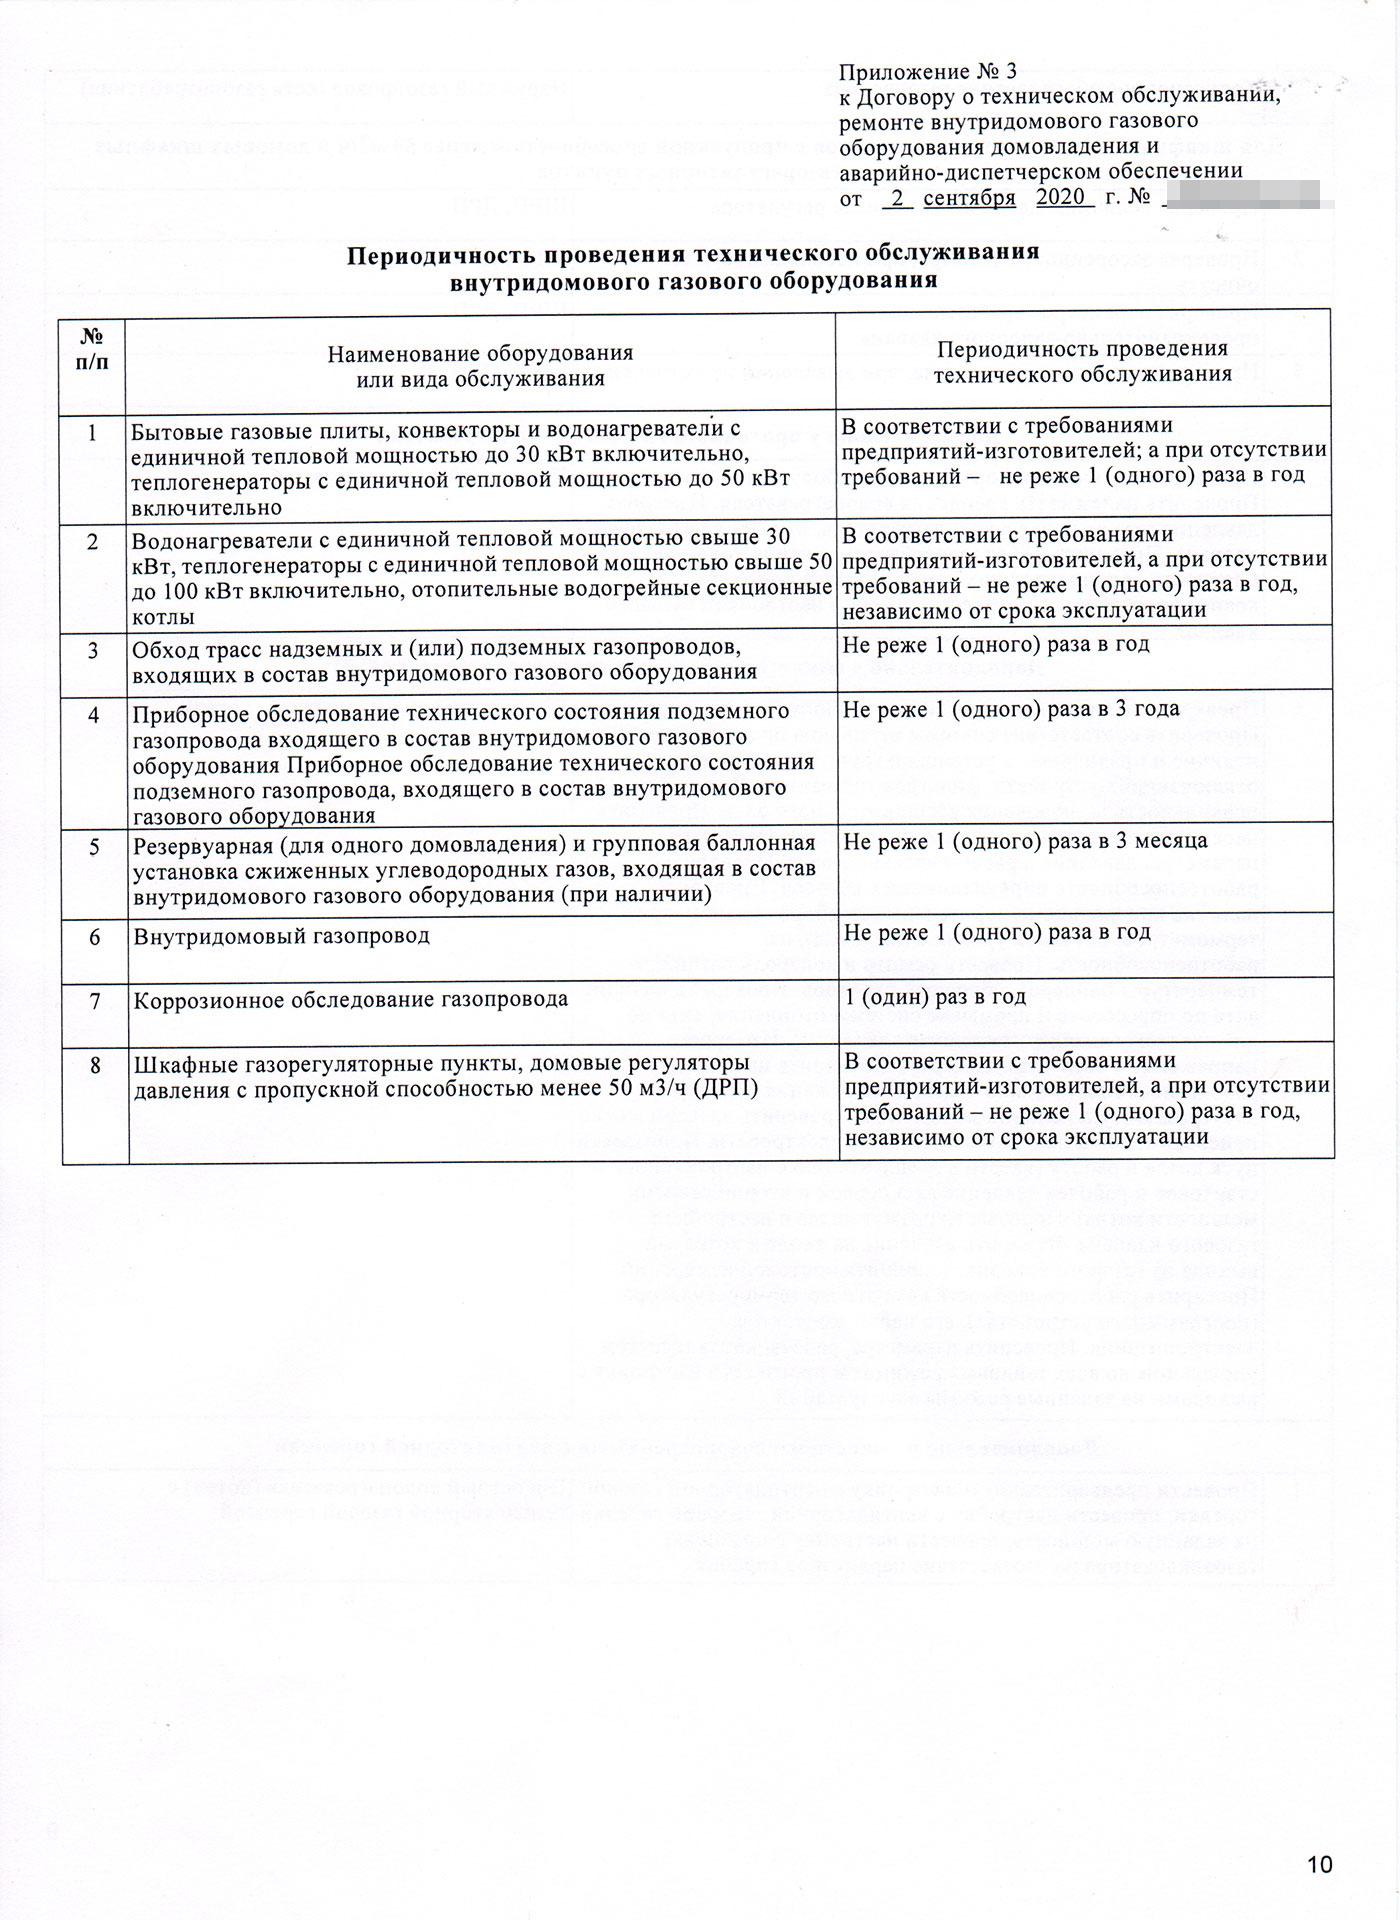 Приложение 3 — нормы периодичности обслуживания